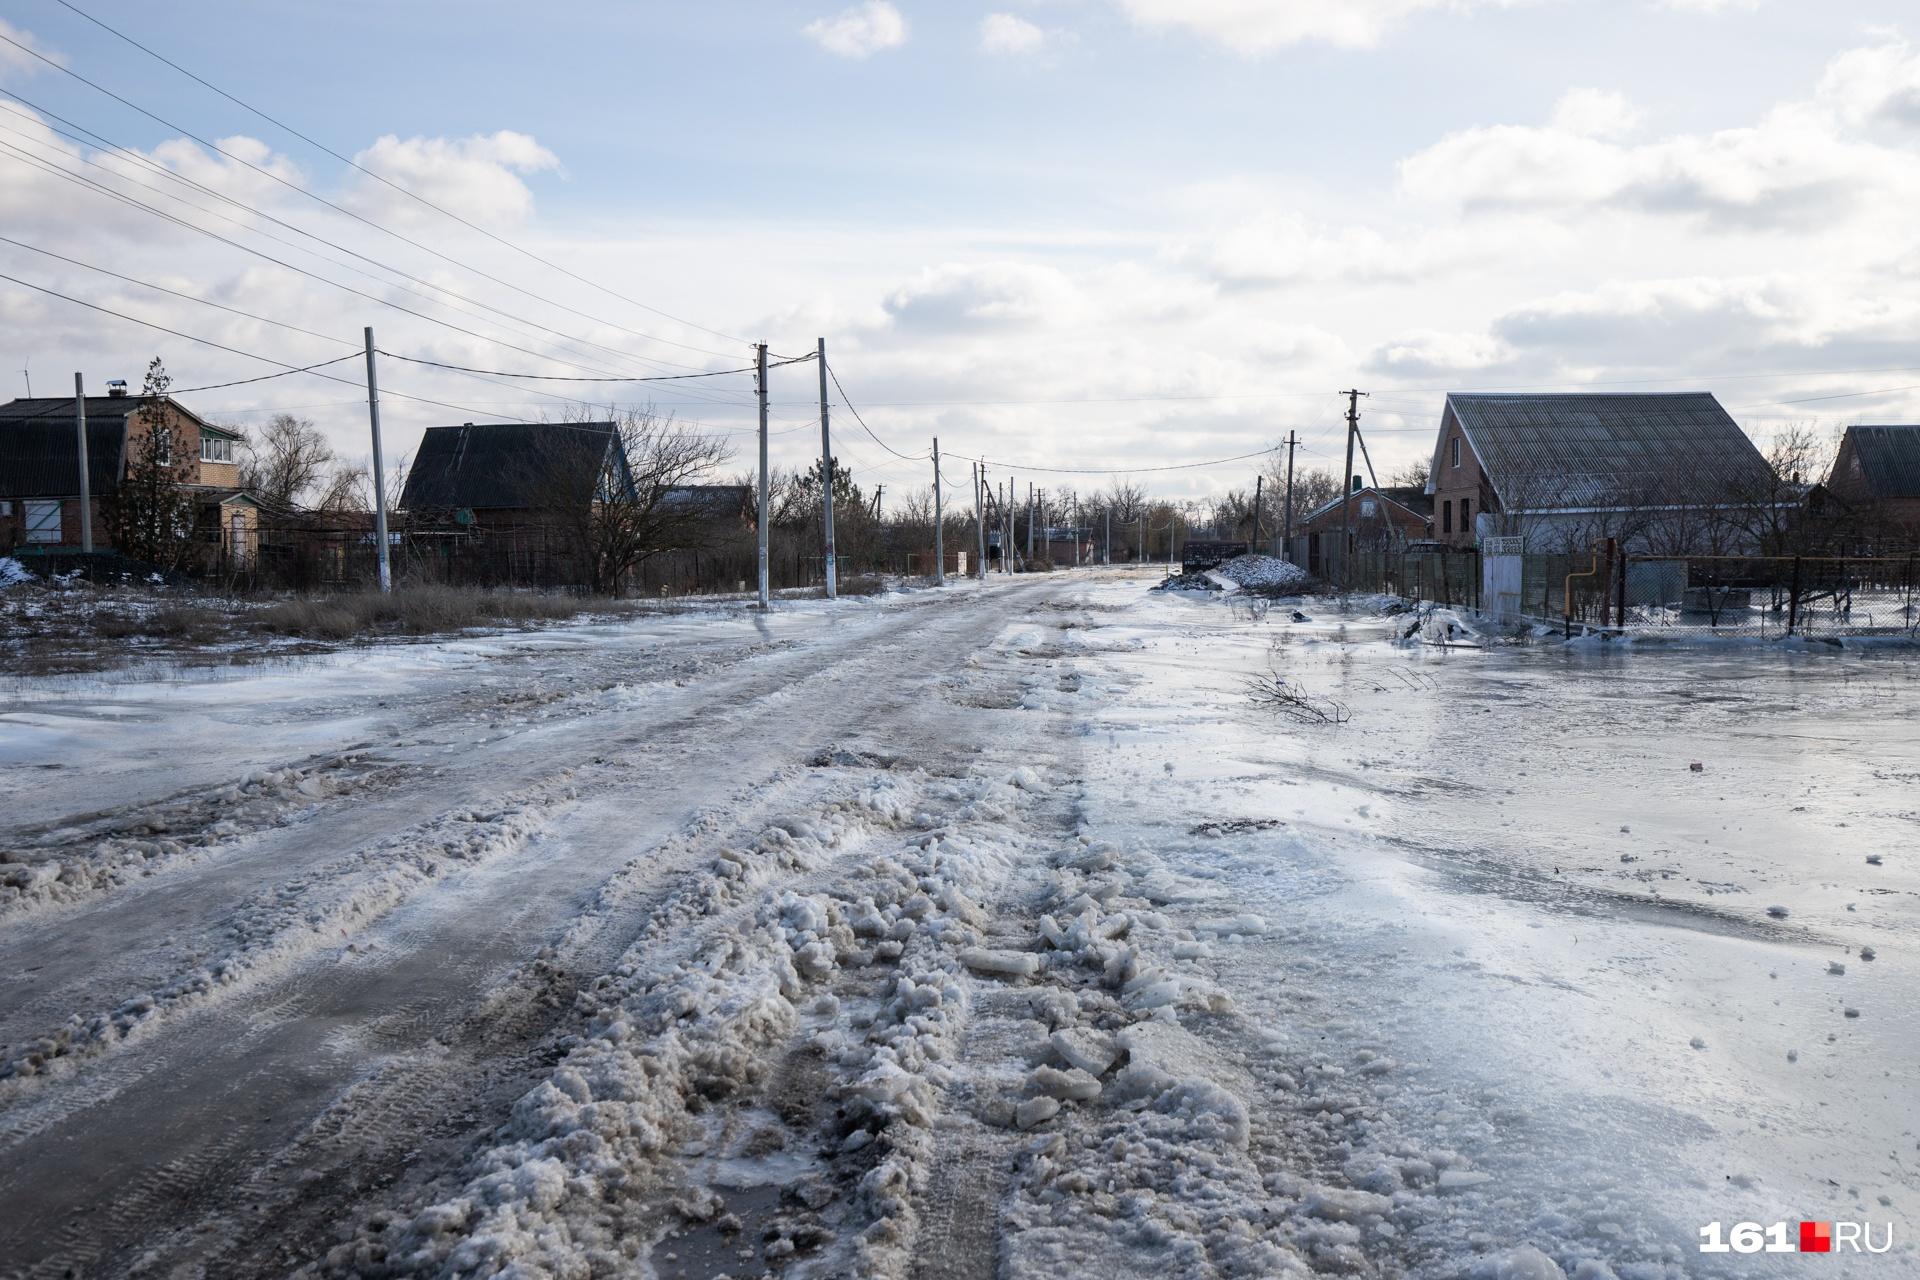 Местные жители вынуждены передвигаться по скользким улицам — альтернативы нет